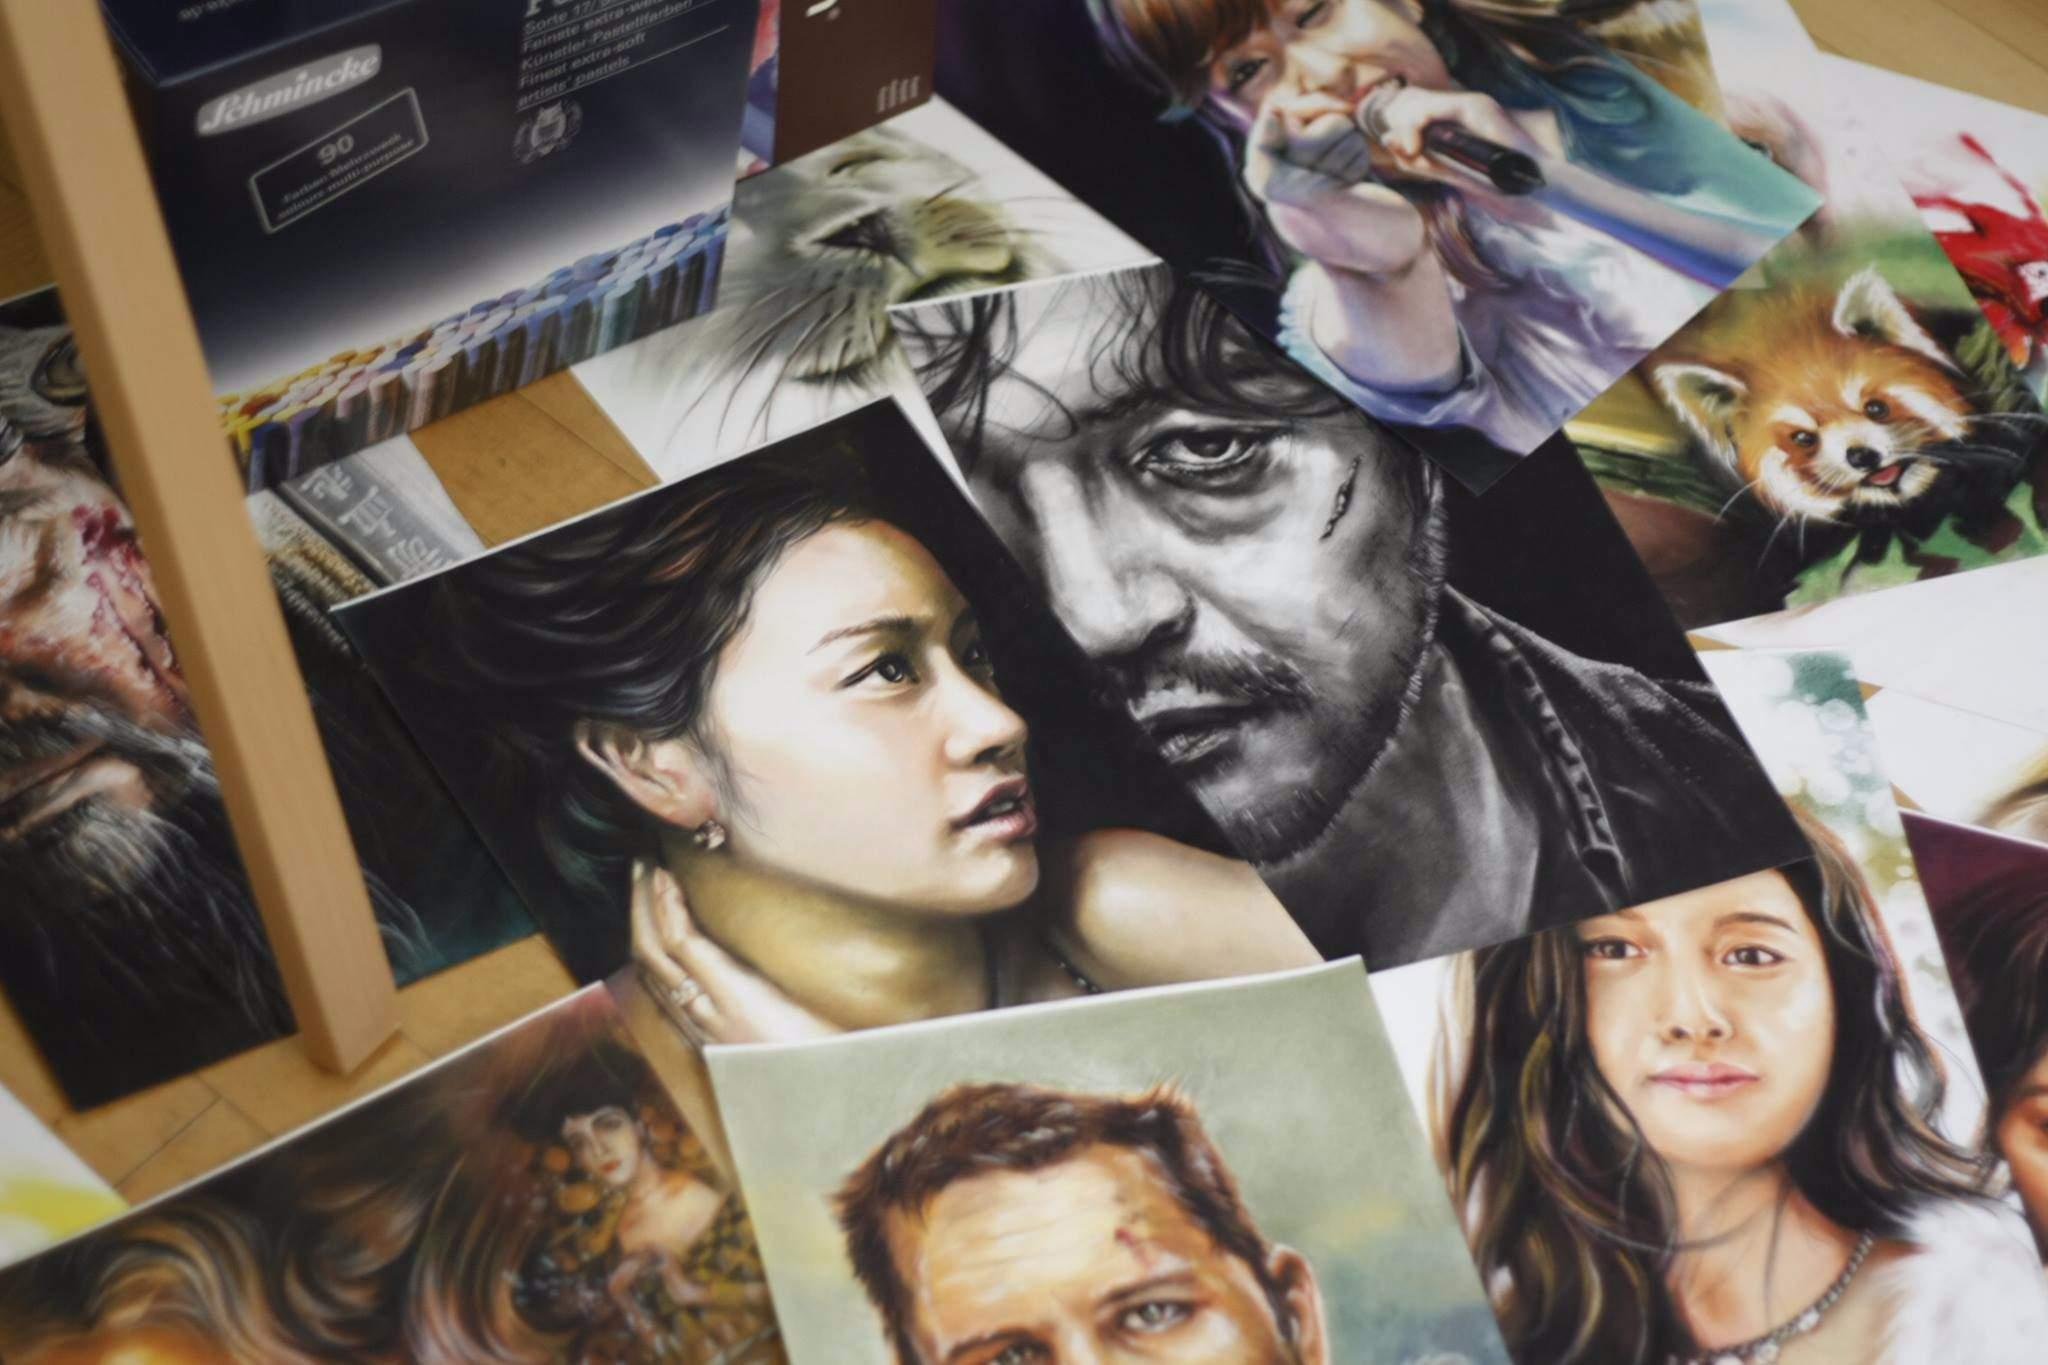 尤其是人物畫像,更不是普通地難啊!但韓國有一位自由網路畫家김정배金鎮培(音譯),他在網路上公開自己的作畫過程而受到歡迎,快來看看他的神奇作畫之旅吧!